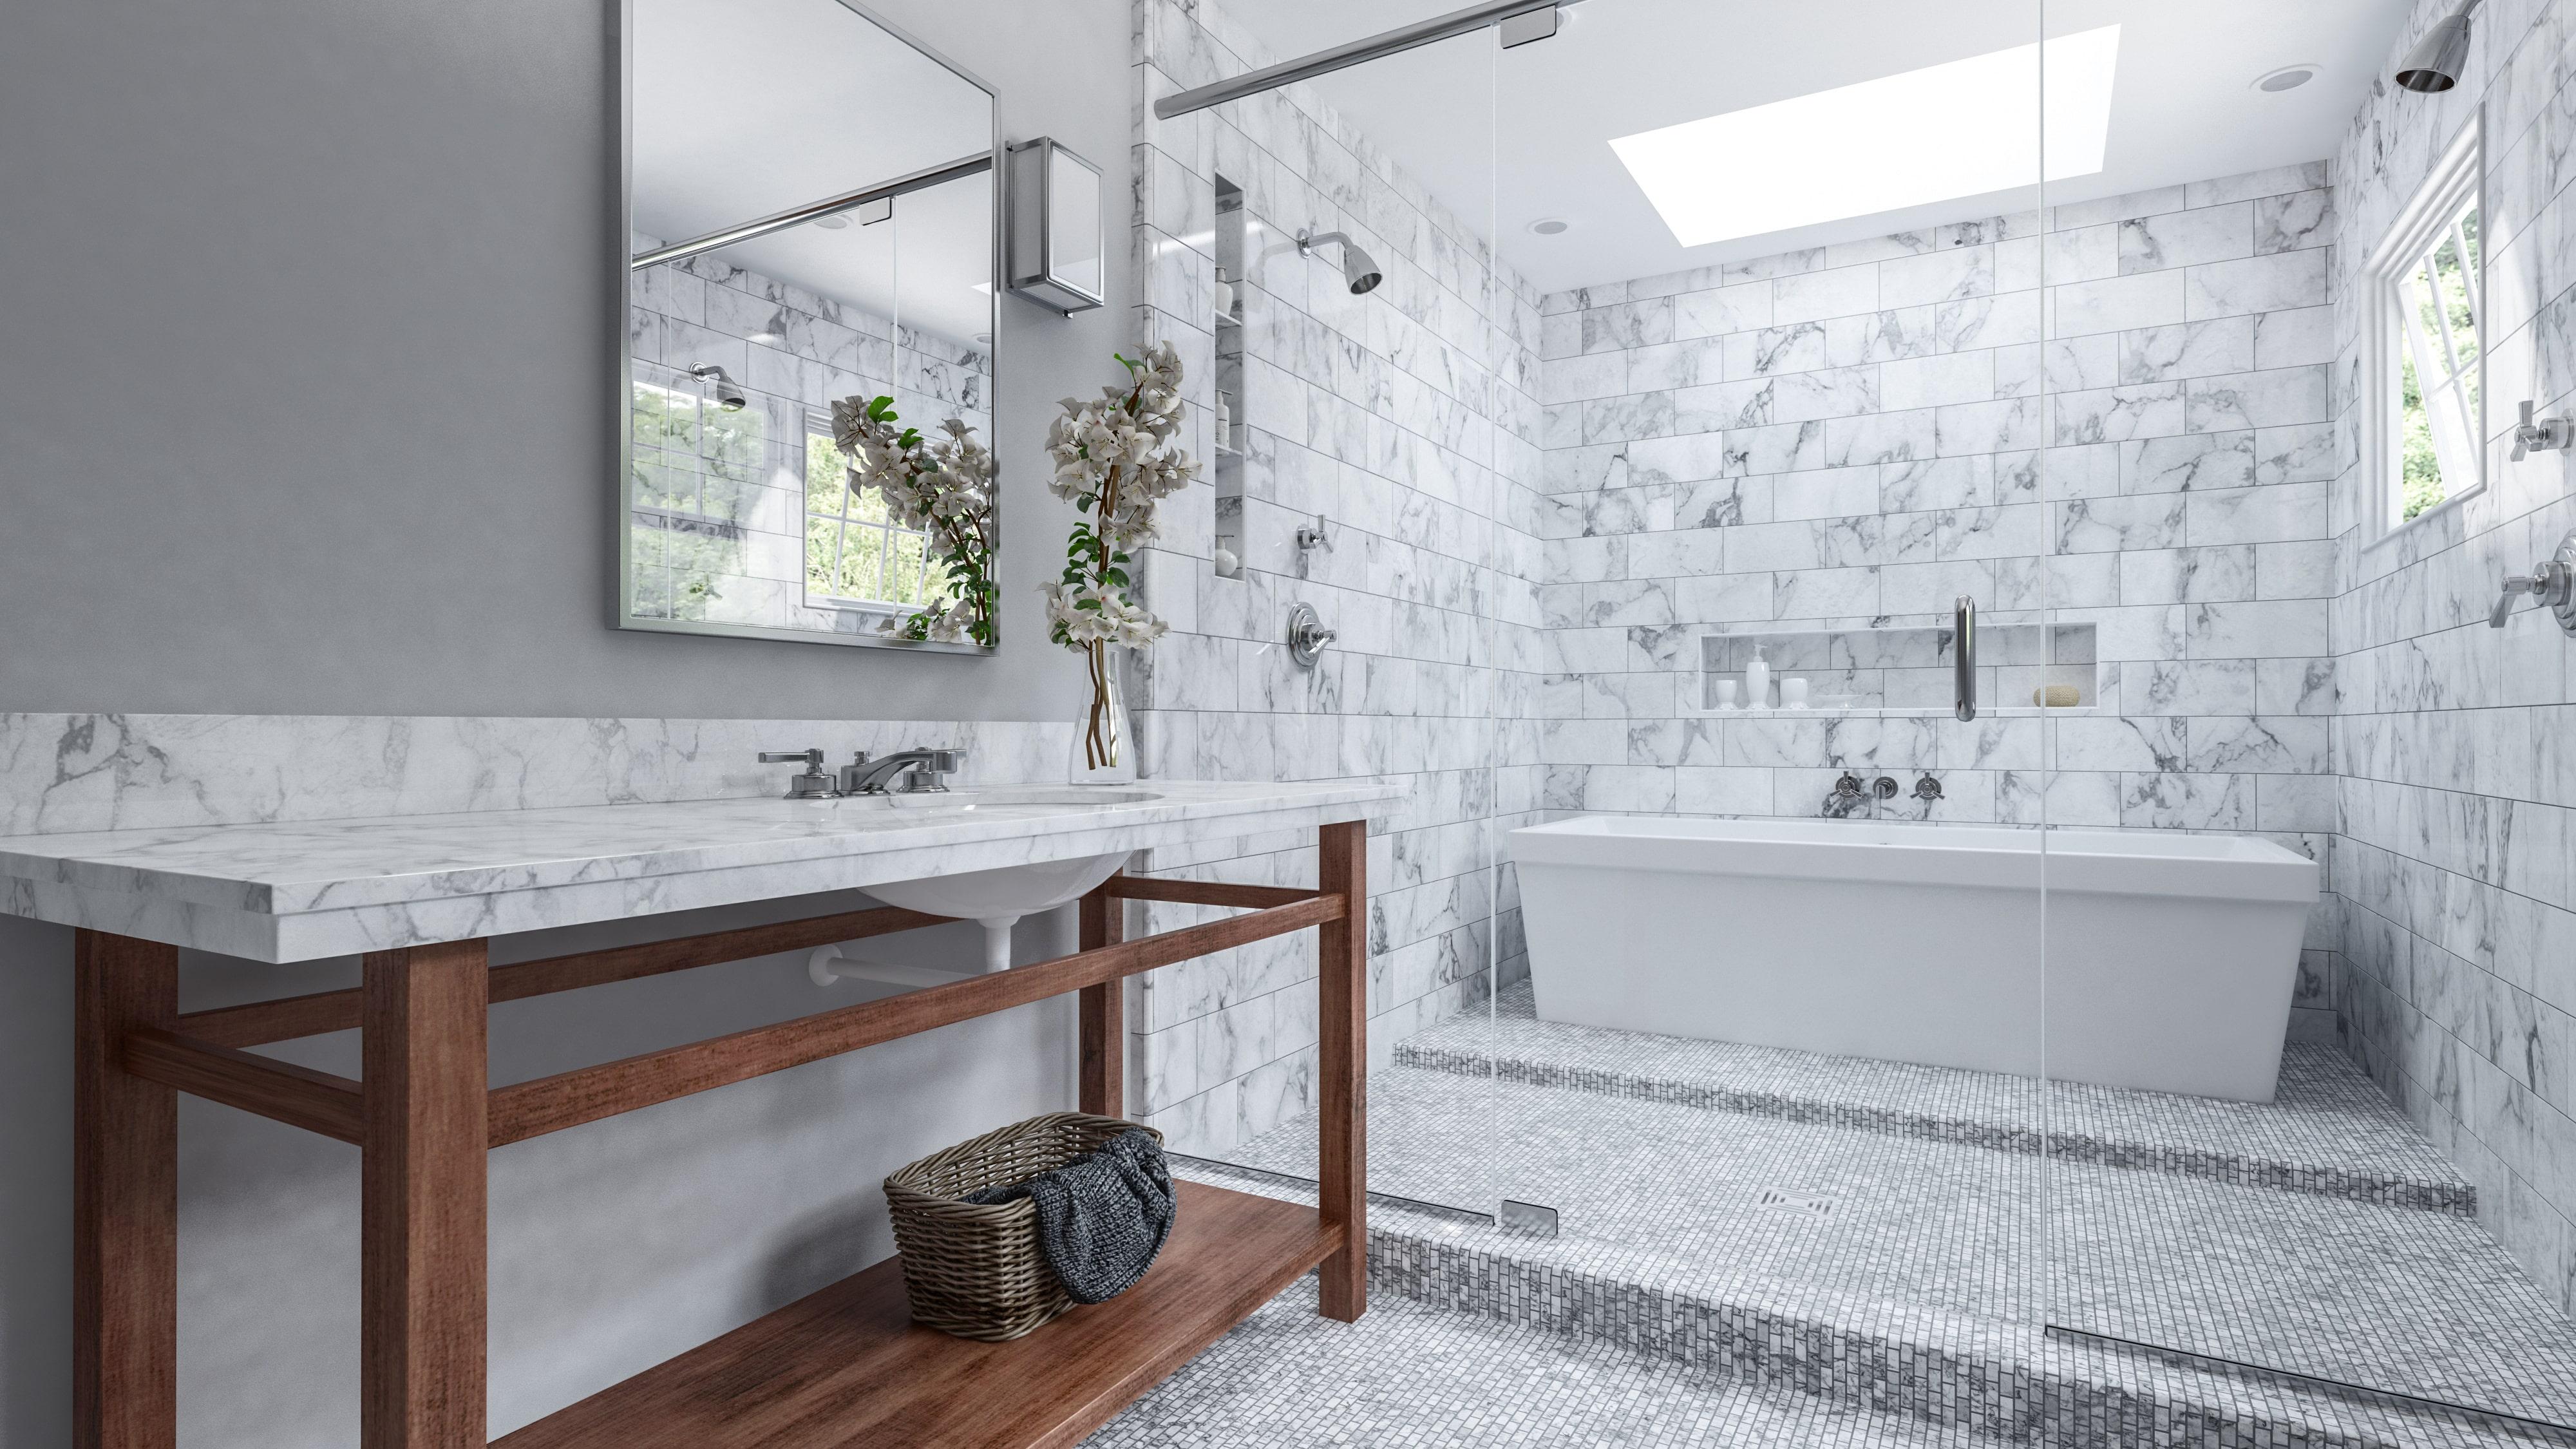 Combiner douche et baignoire dans une salle de bain - Salon VIVING